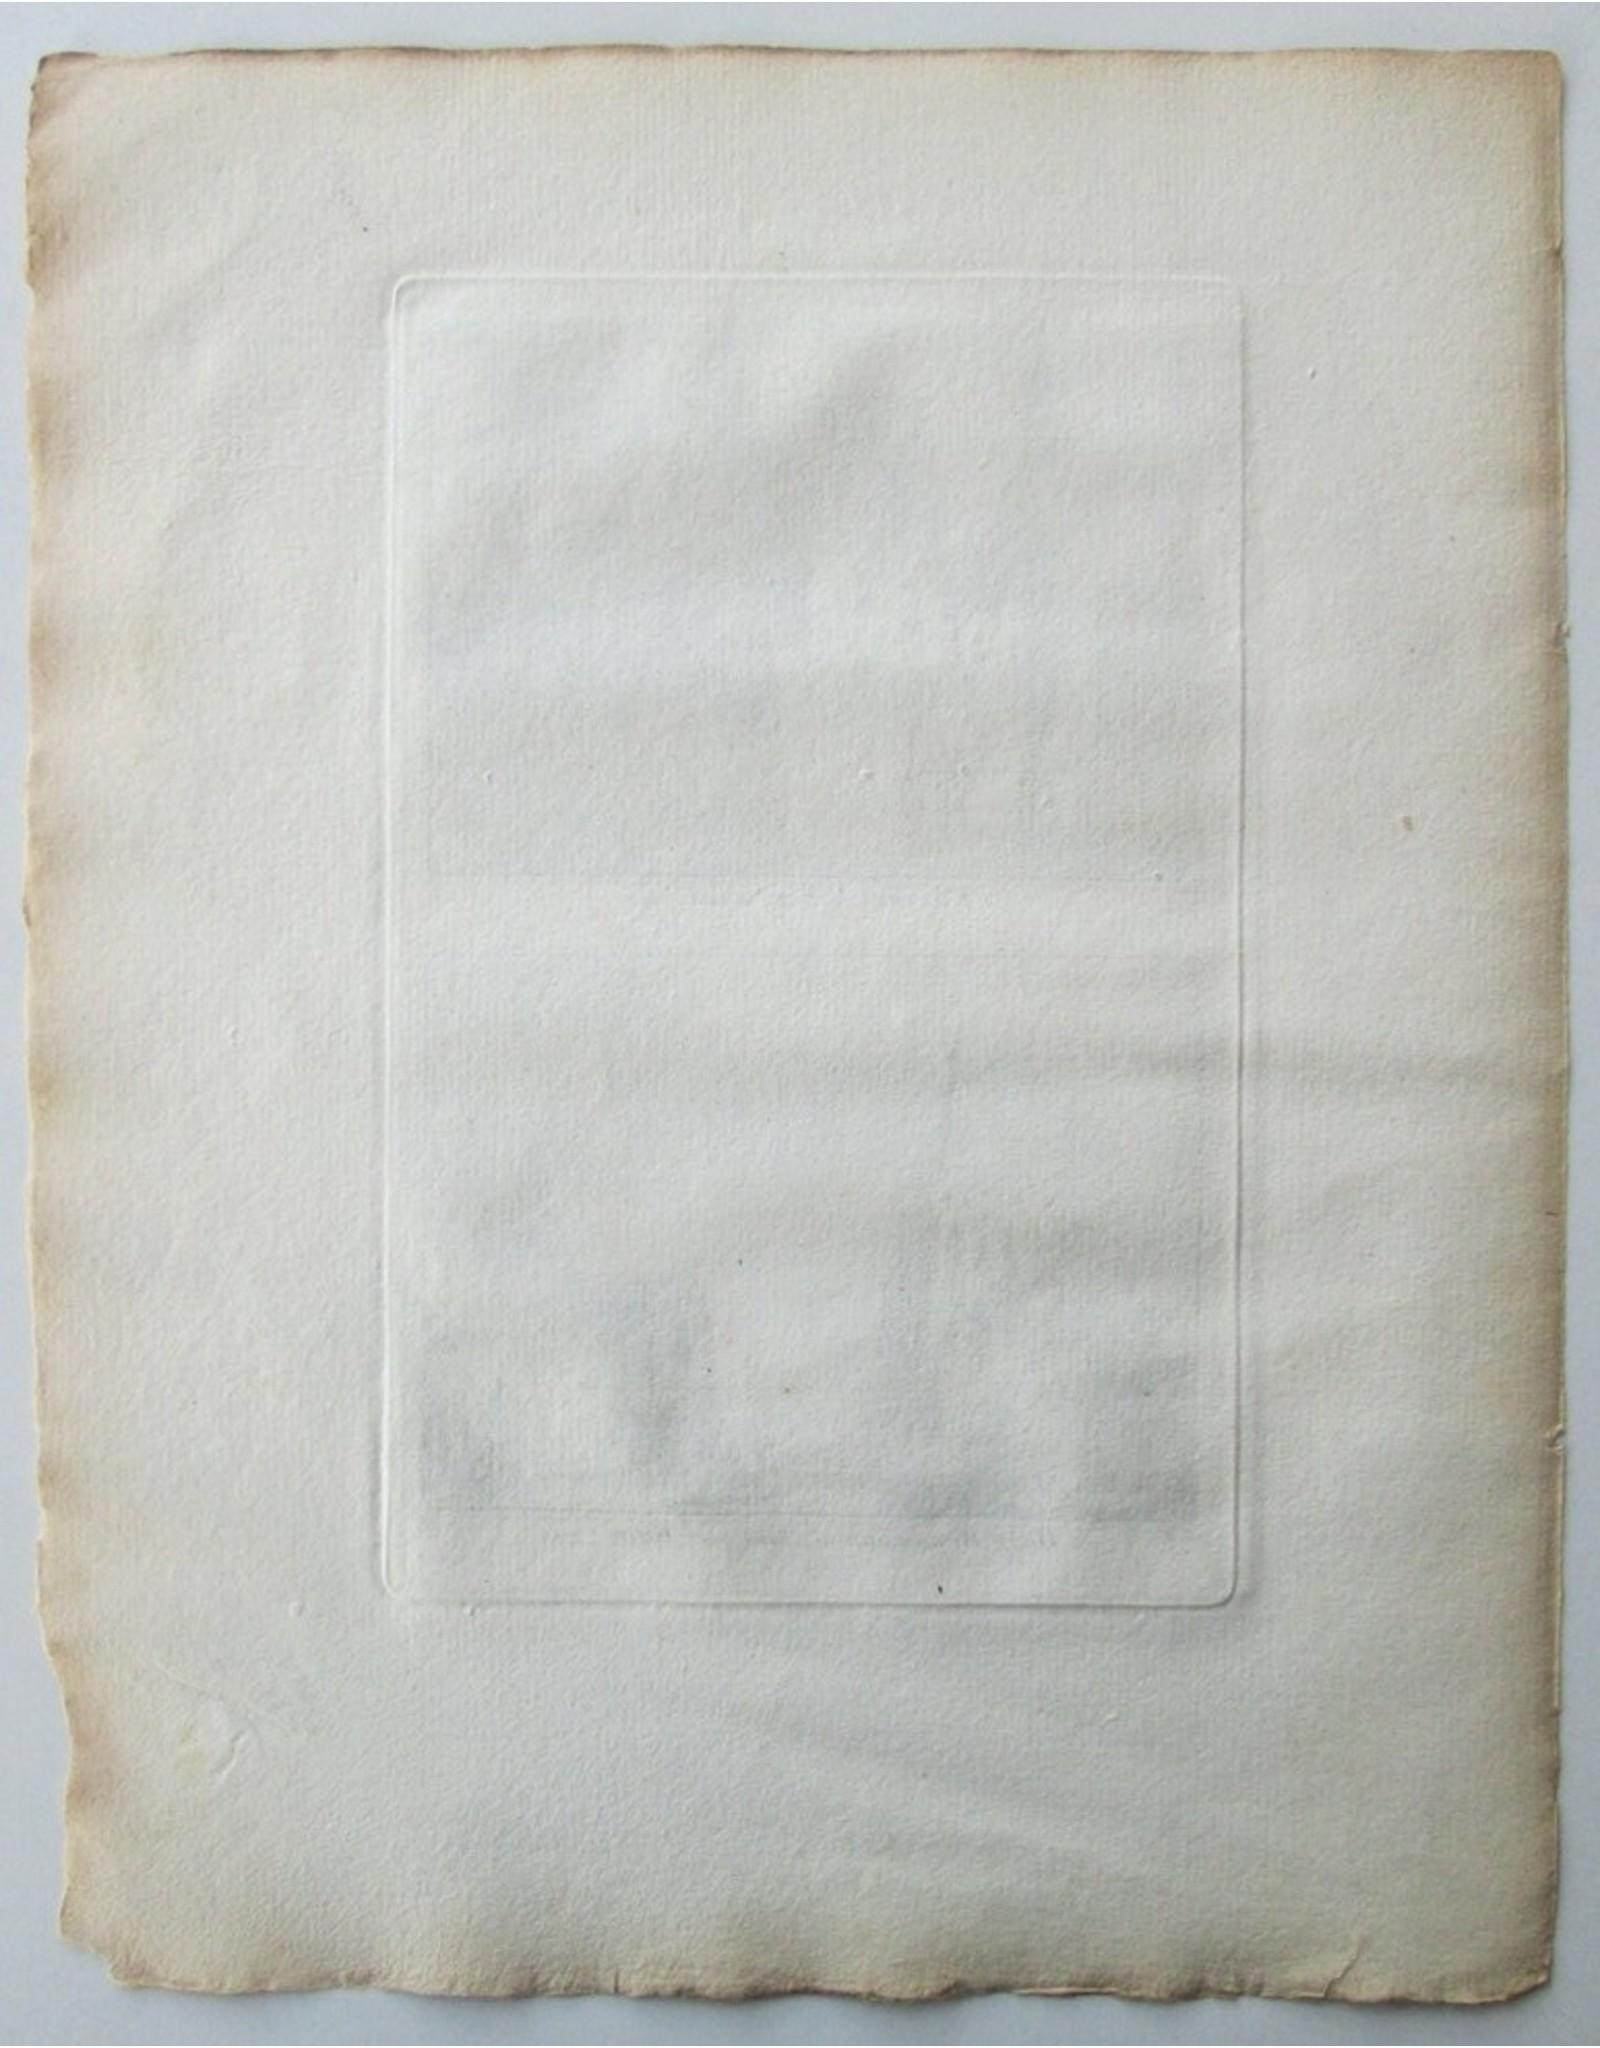 H. Spilman - t Kasteel te Boksmeer / 't Dorp Boksmeer in 't Land van Kuik 1741